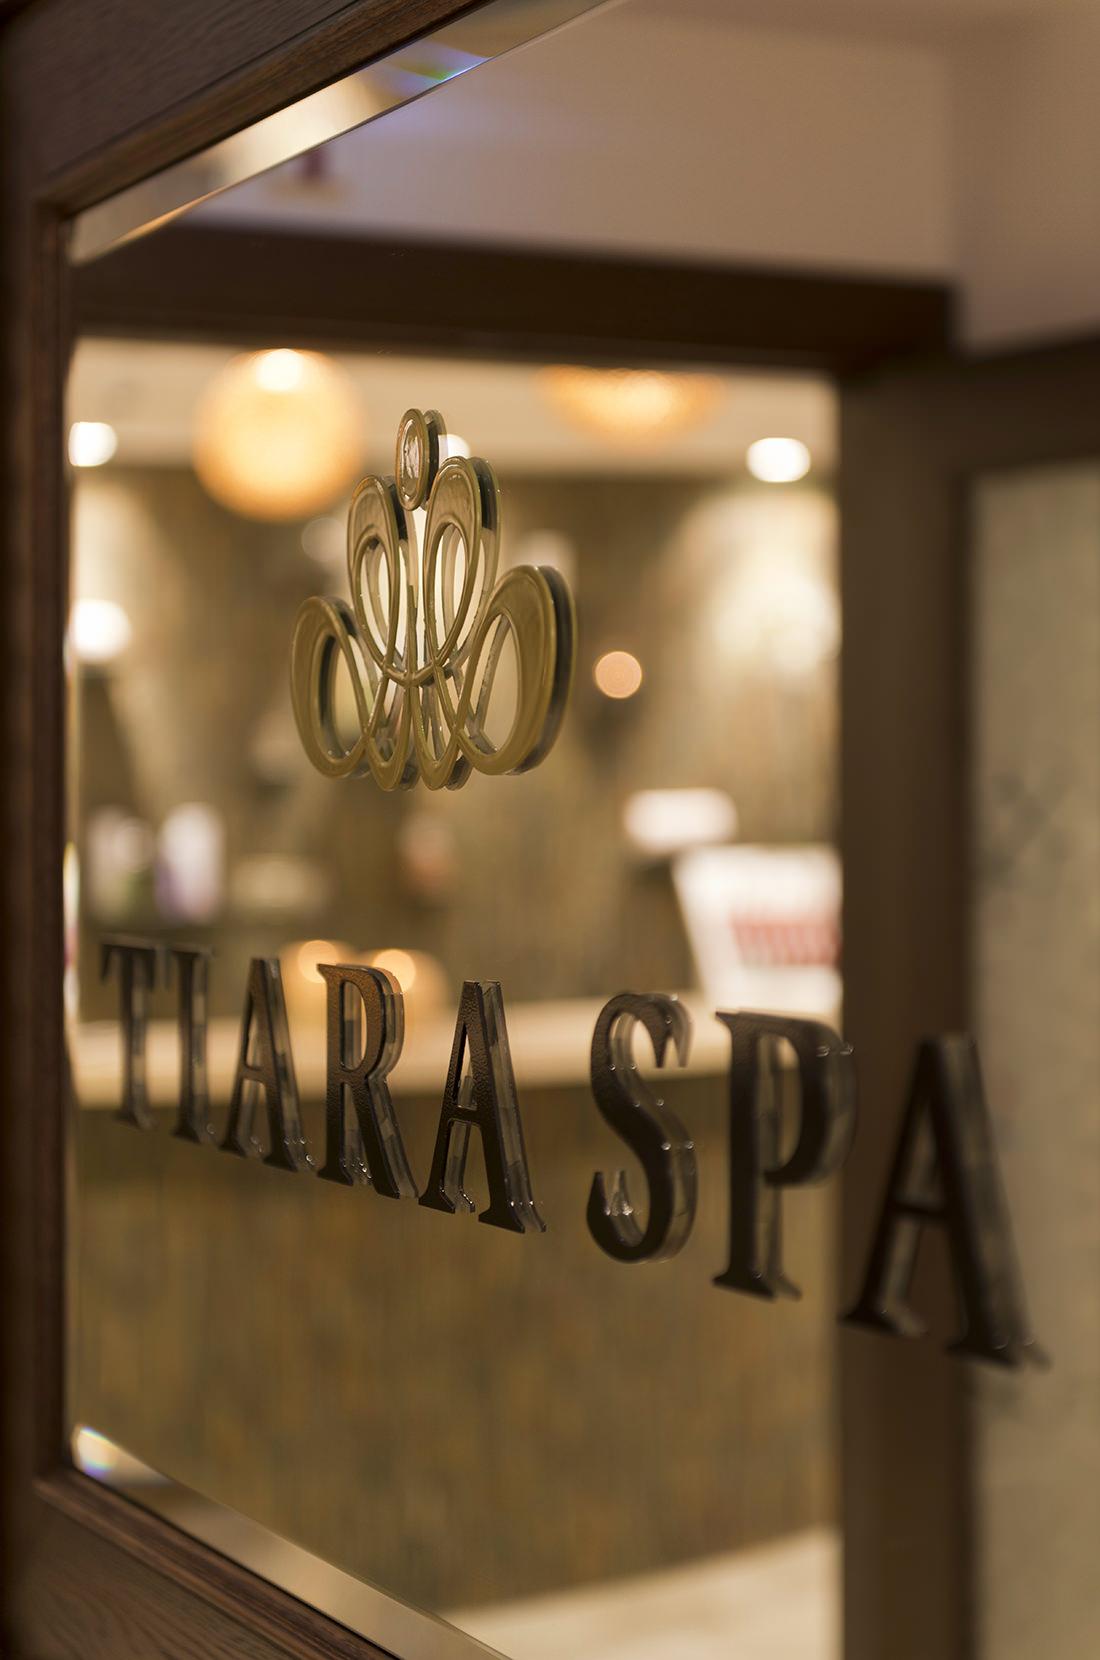 tiara-miramar-beach-hotel-spa-15